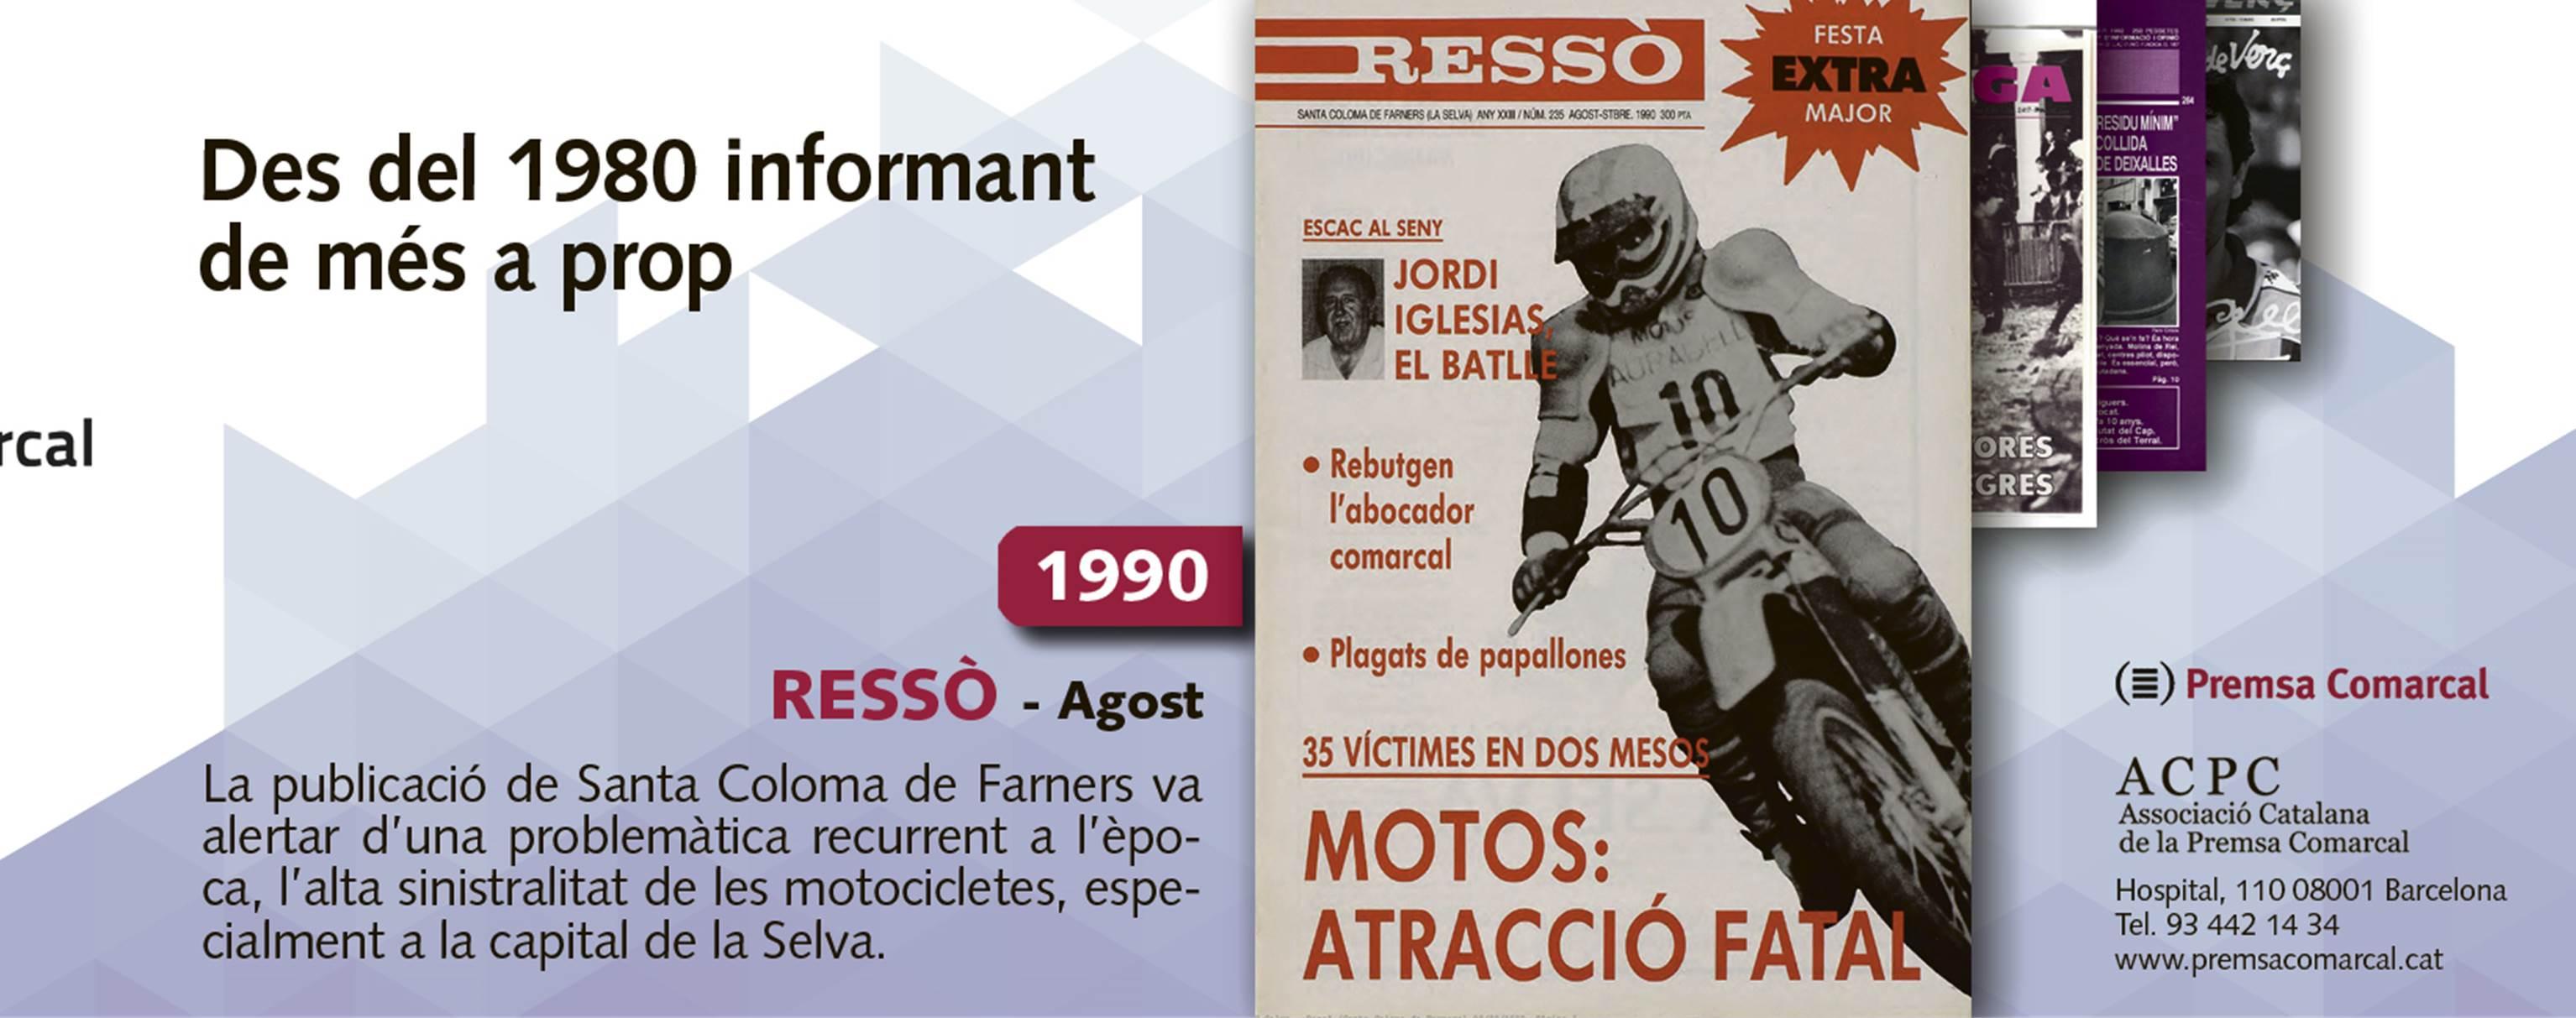 La sinistralitat de les motos el 1990 a 'Ressò'; 35 anys de l'ACPC